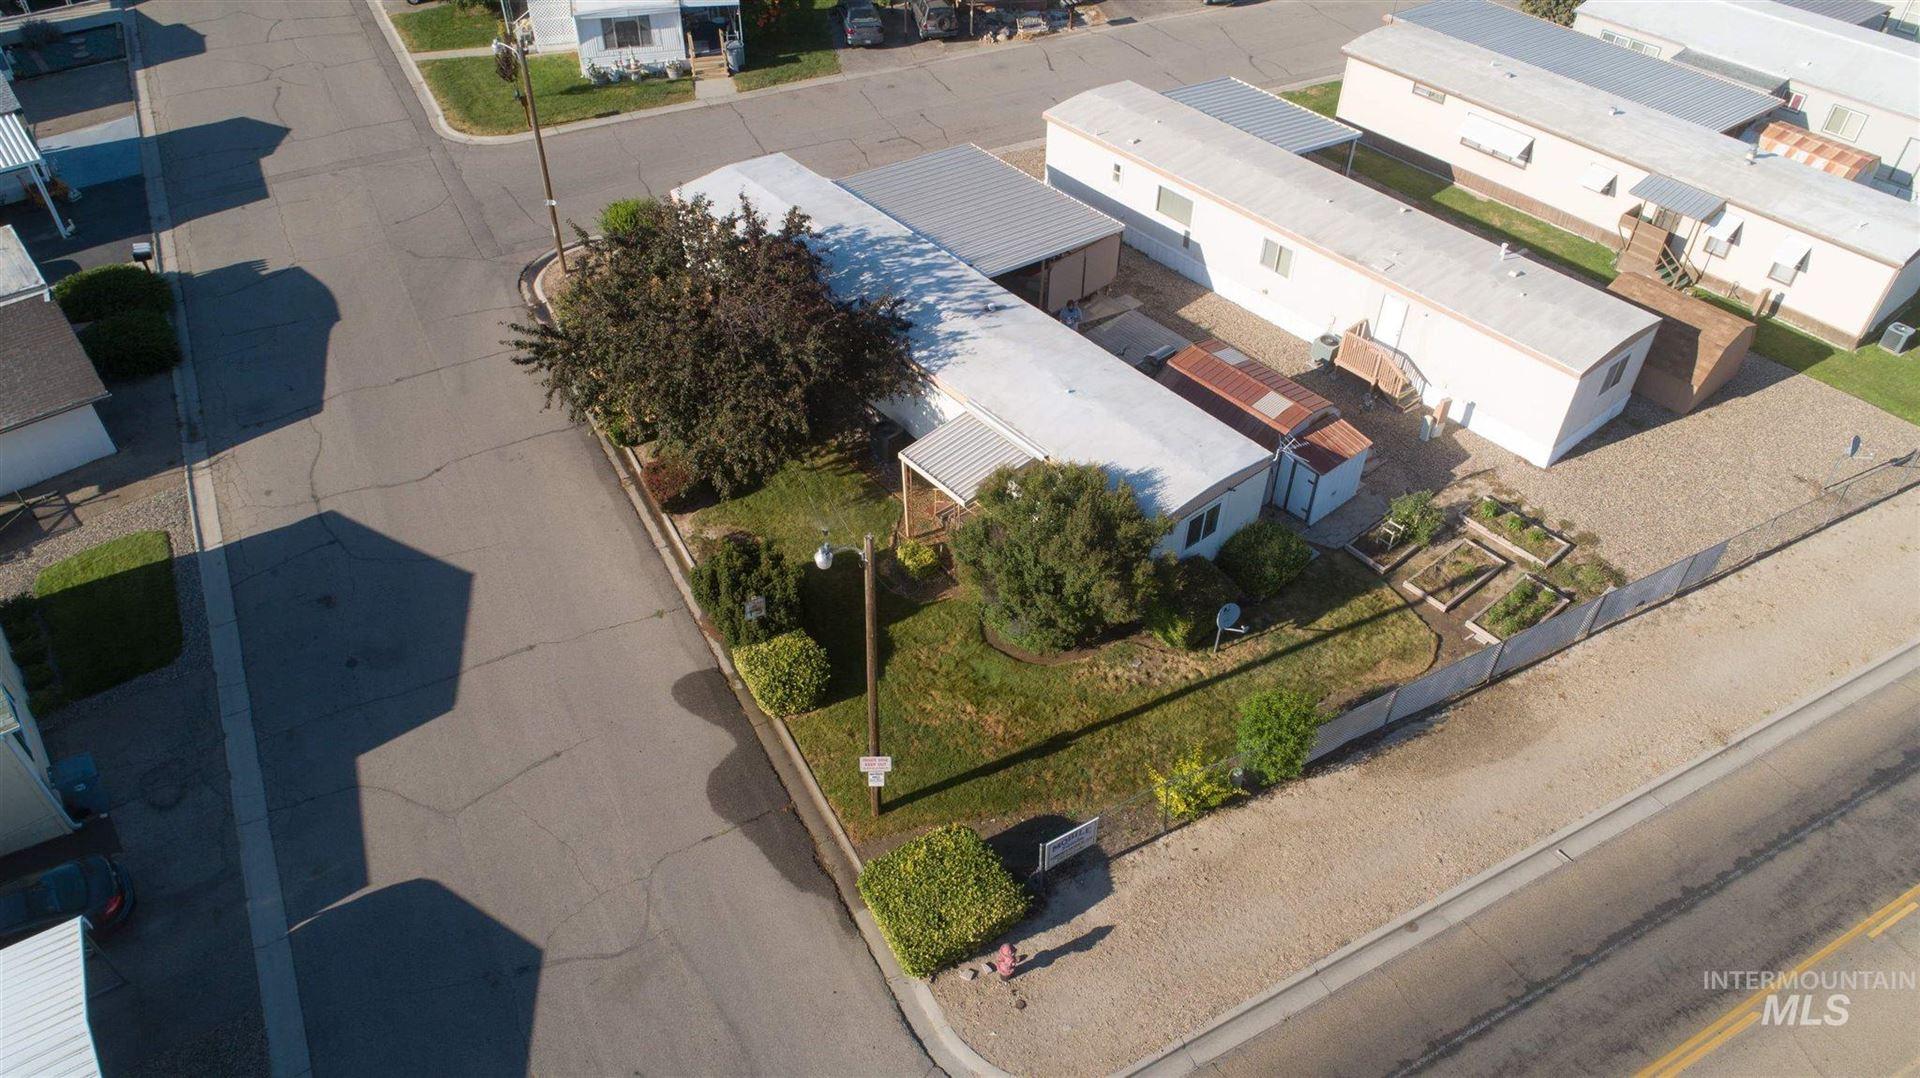 2205 E Linden #72, Caldwell, ID 83605 - MLS#: 98779418